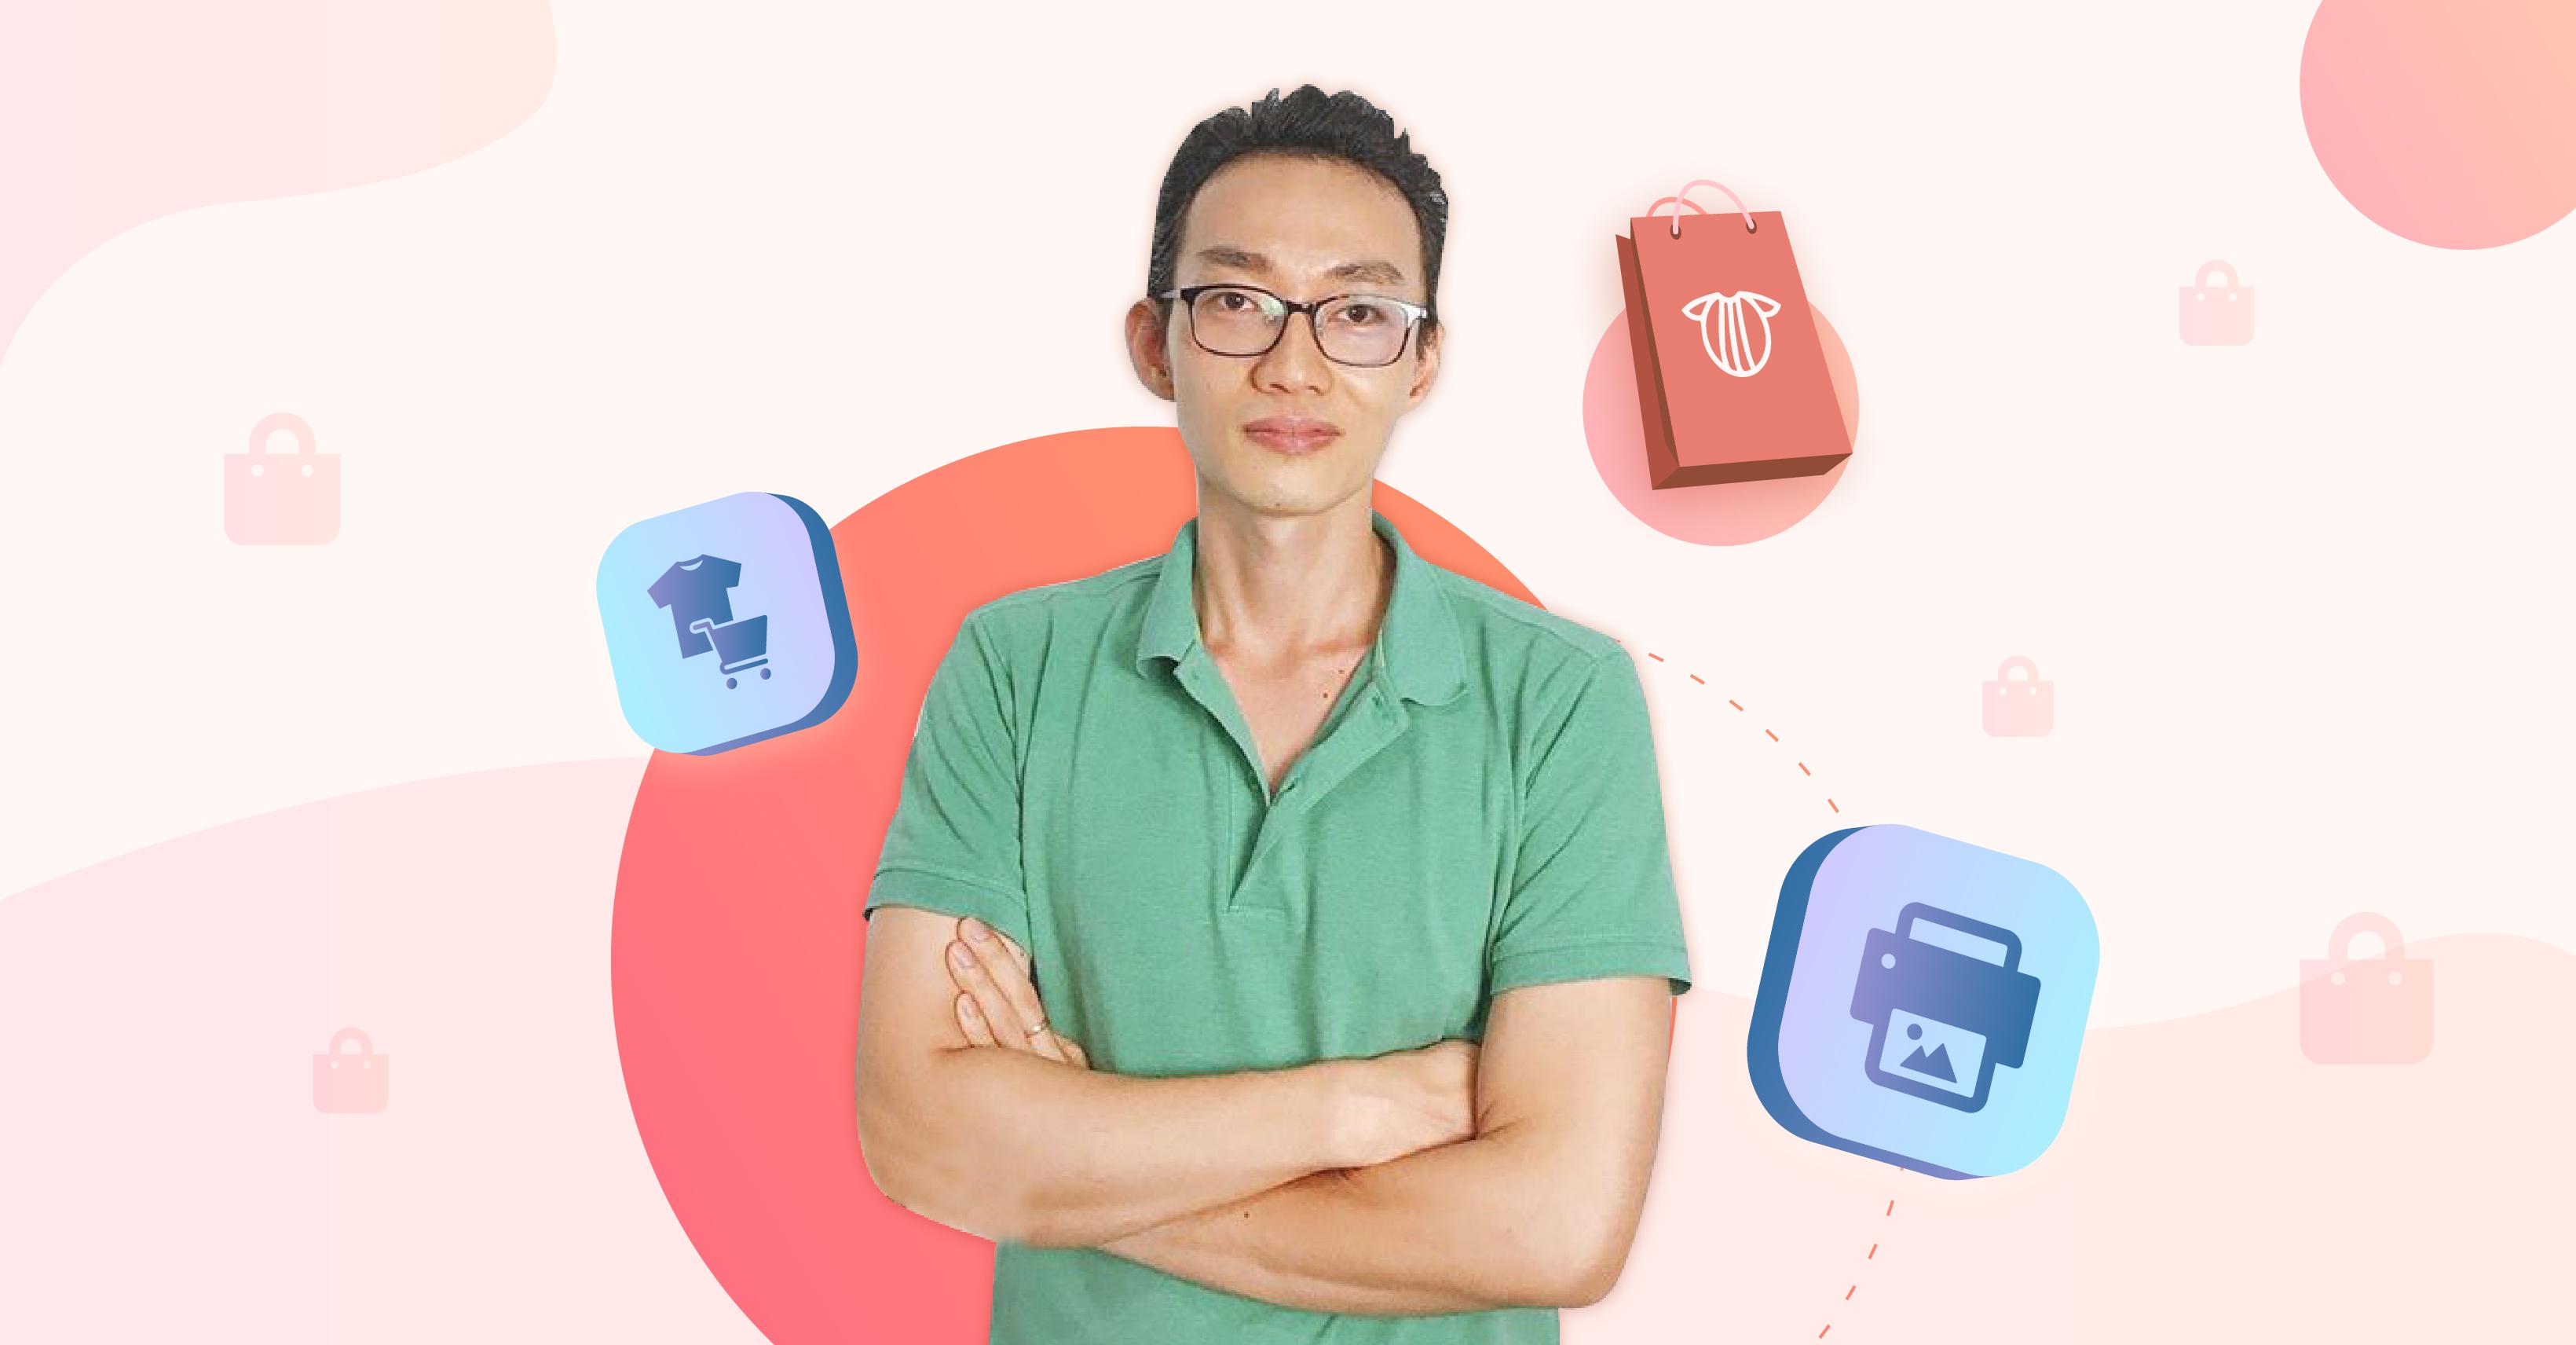 Khóa học hướng dẫn Xây dựng cửa hàng kinh doanh online với hình thức POD thị trường quốc tế - Doanh thu triệu đô từ con số 0